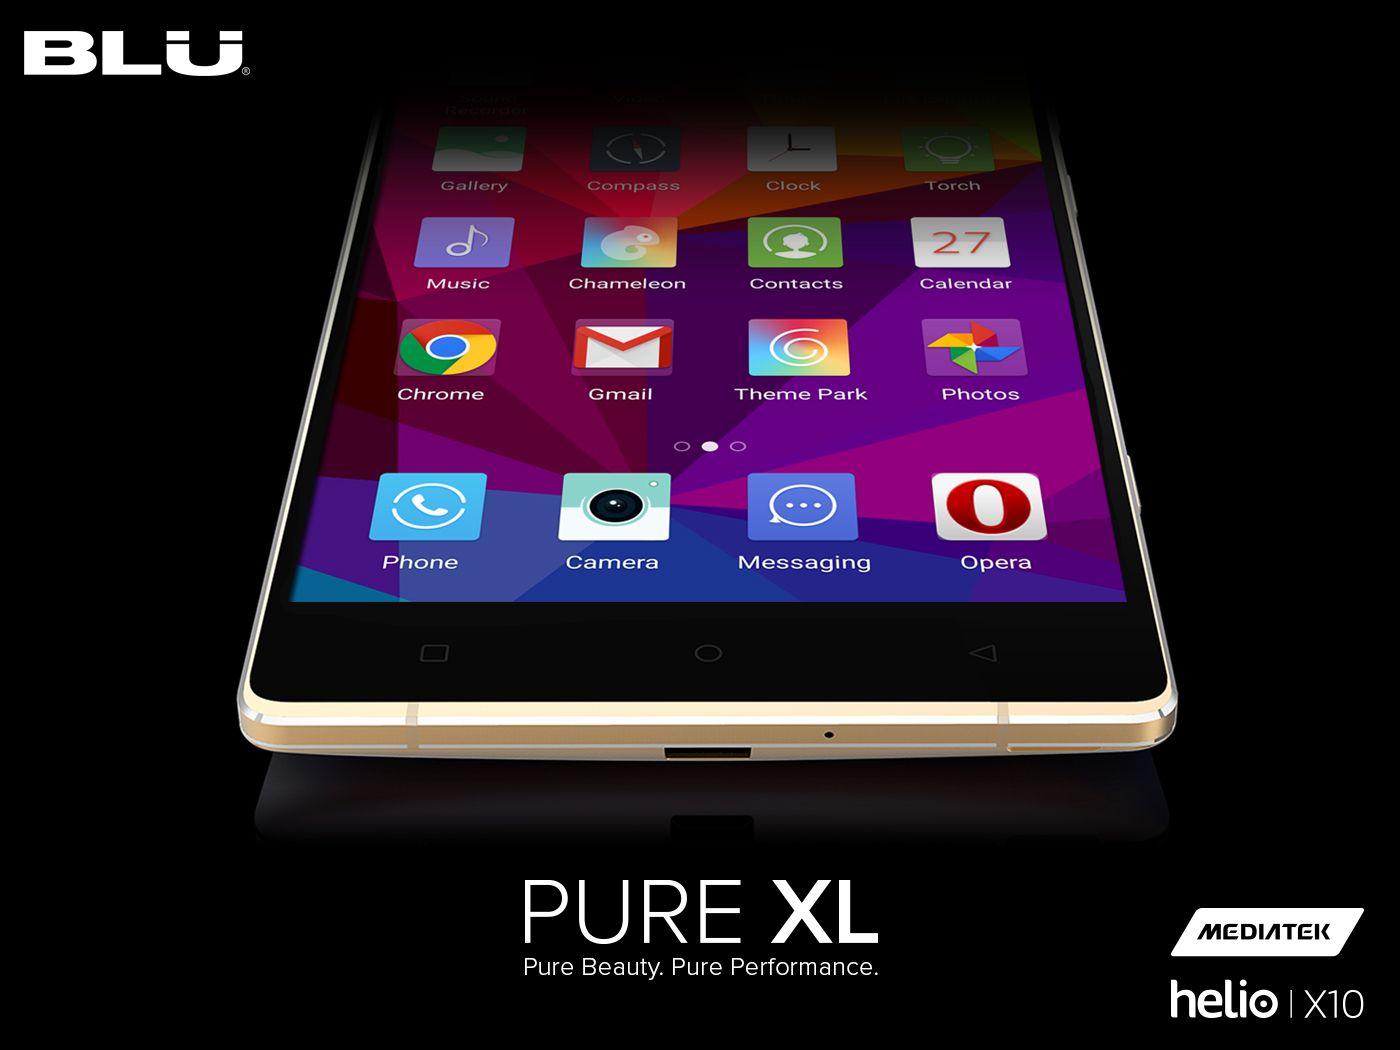 20150902 PURE XL[1]